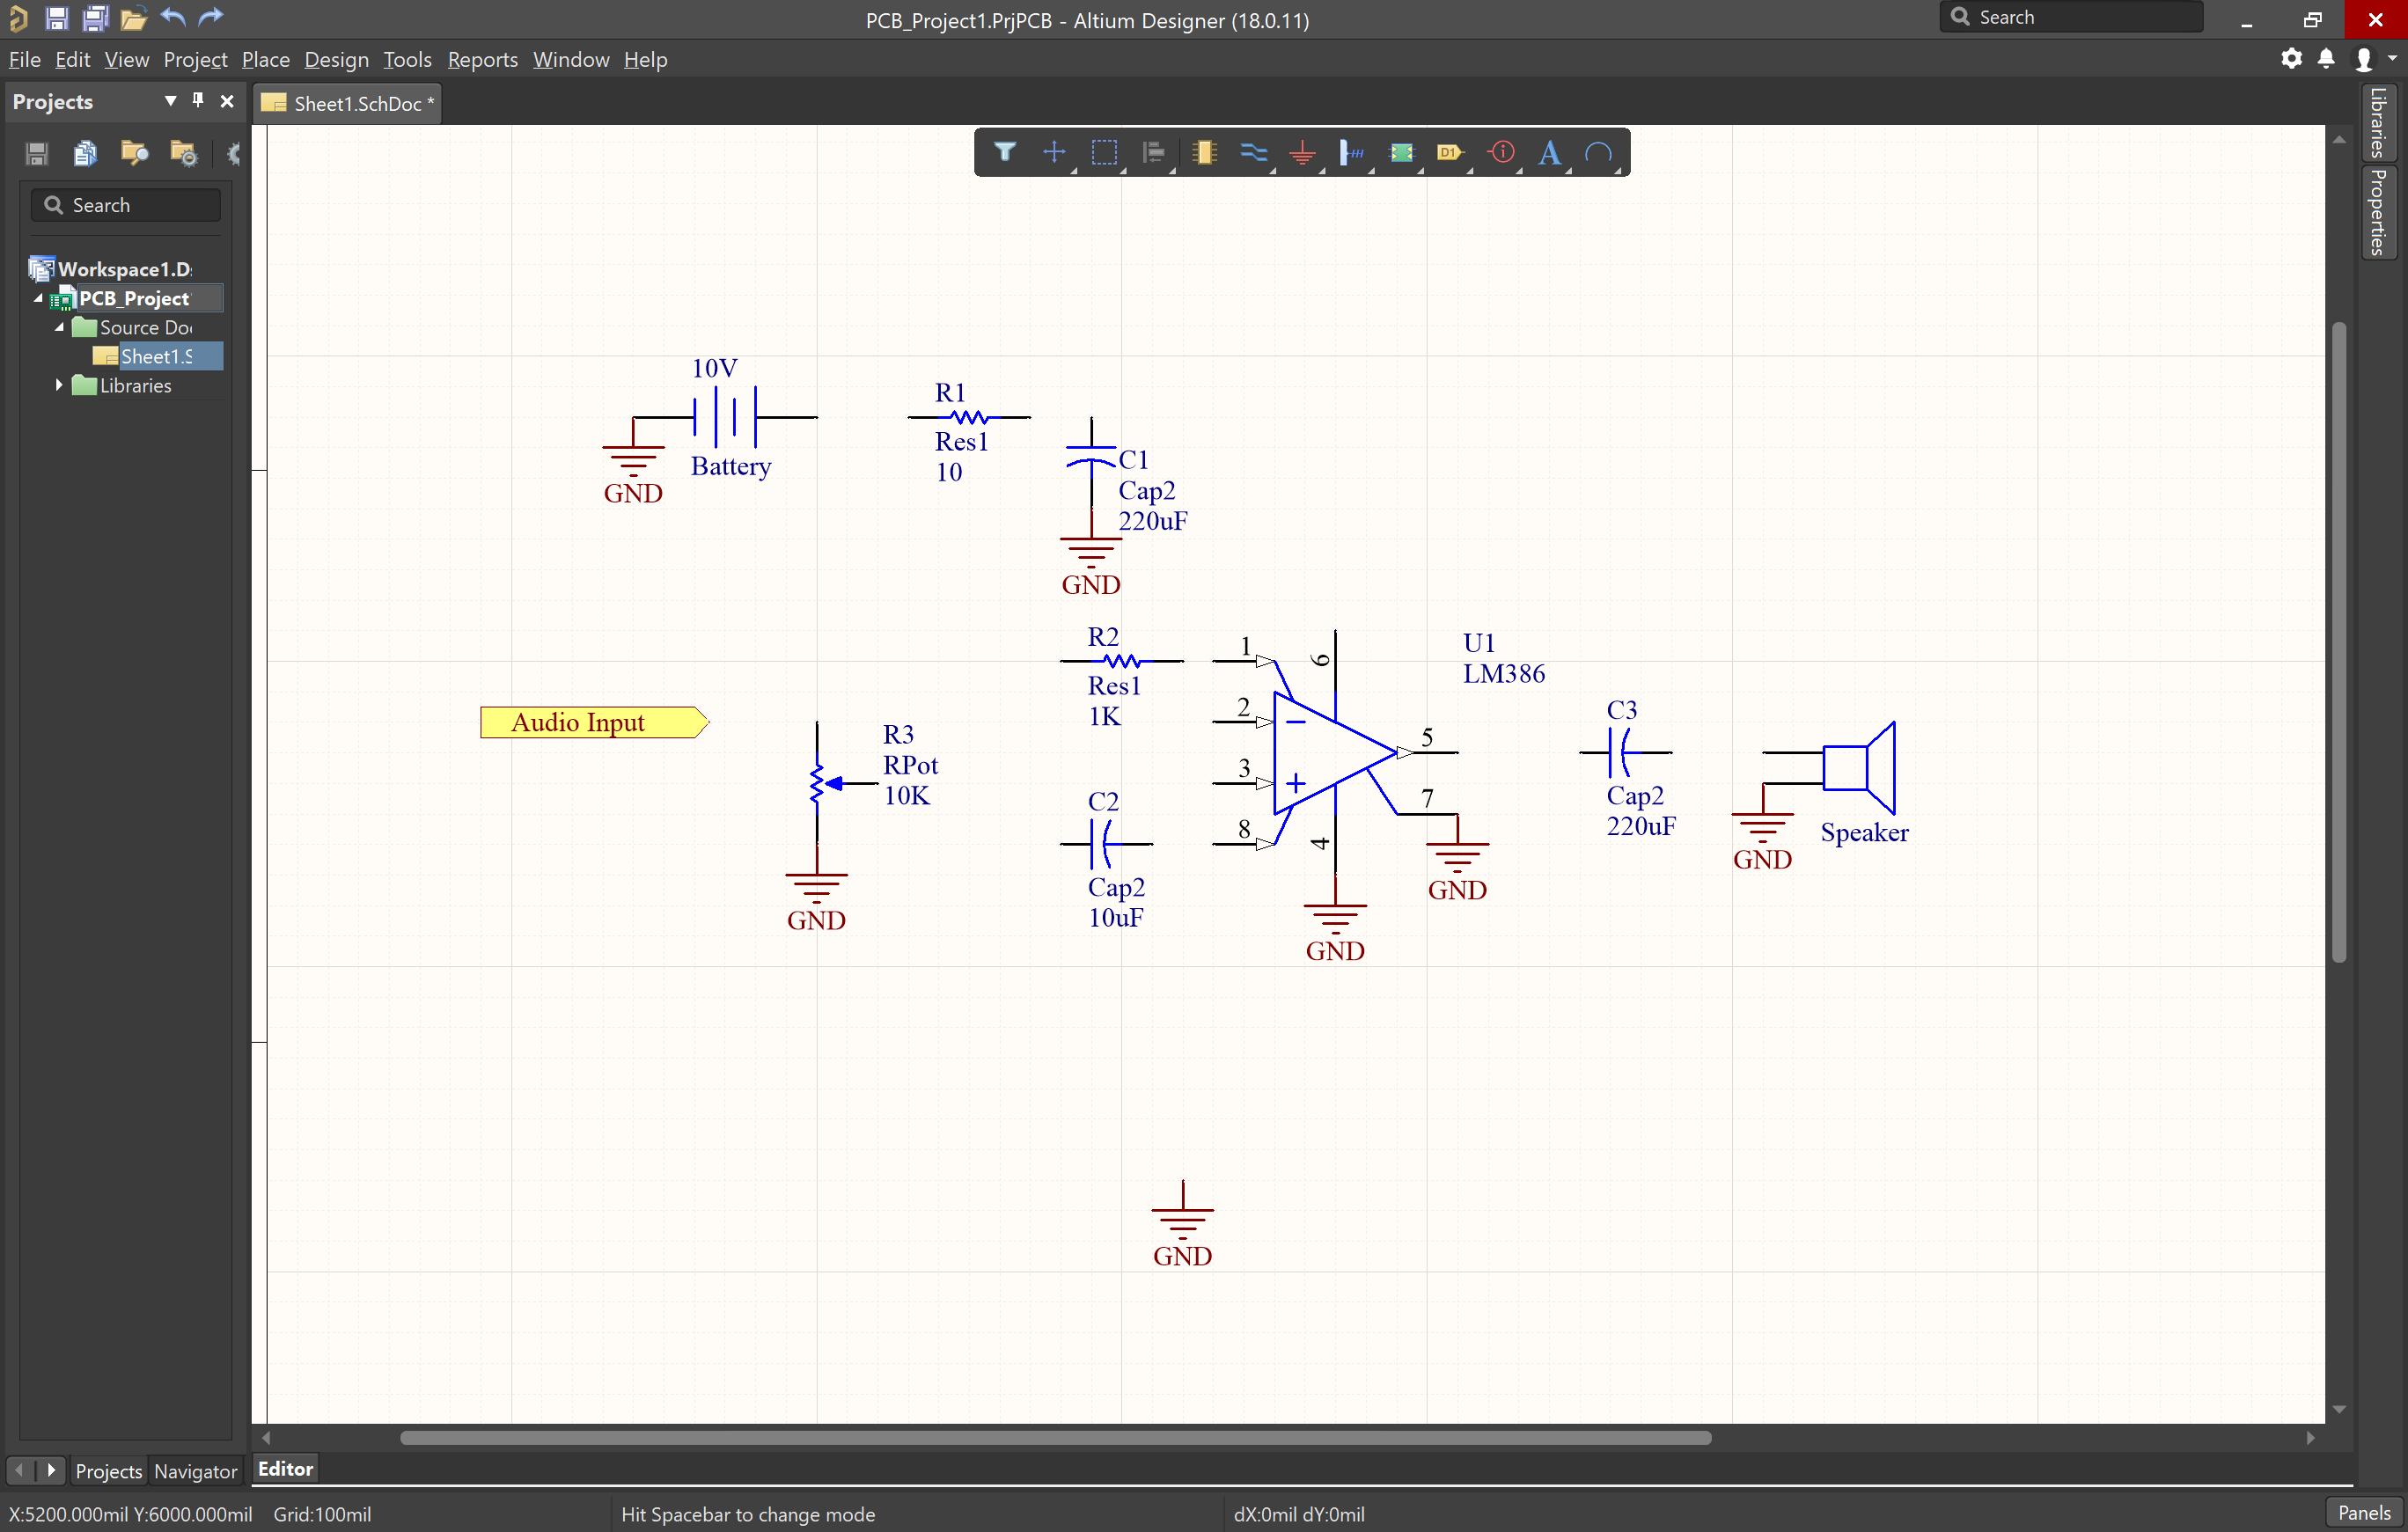 コンポーネントにGNDが追加された回路図の画像